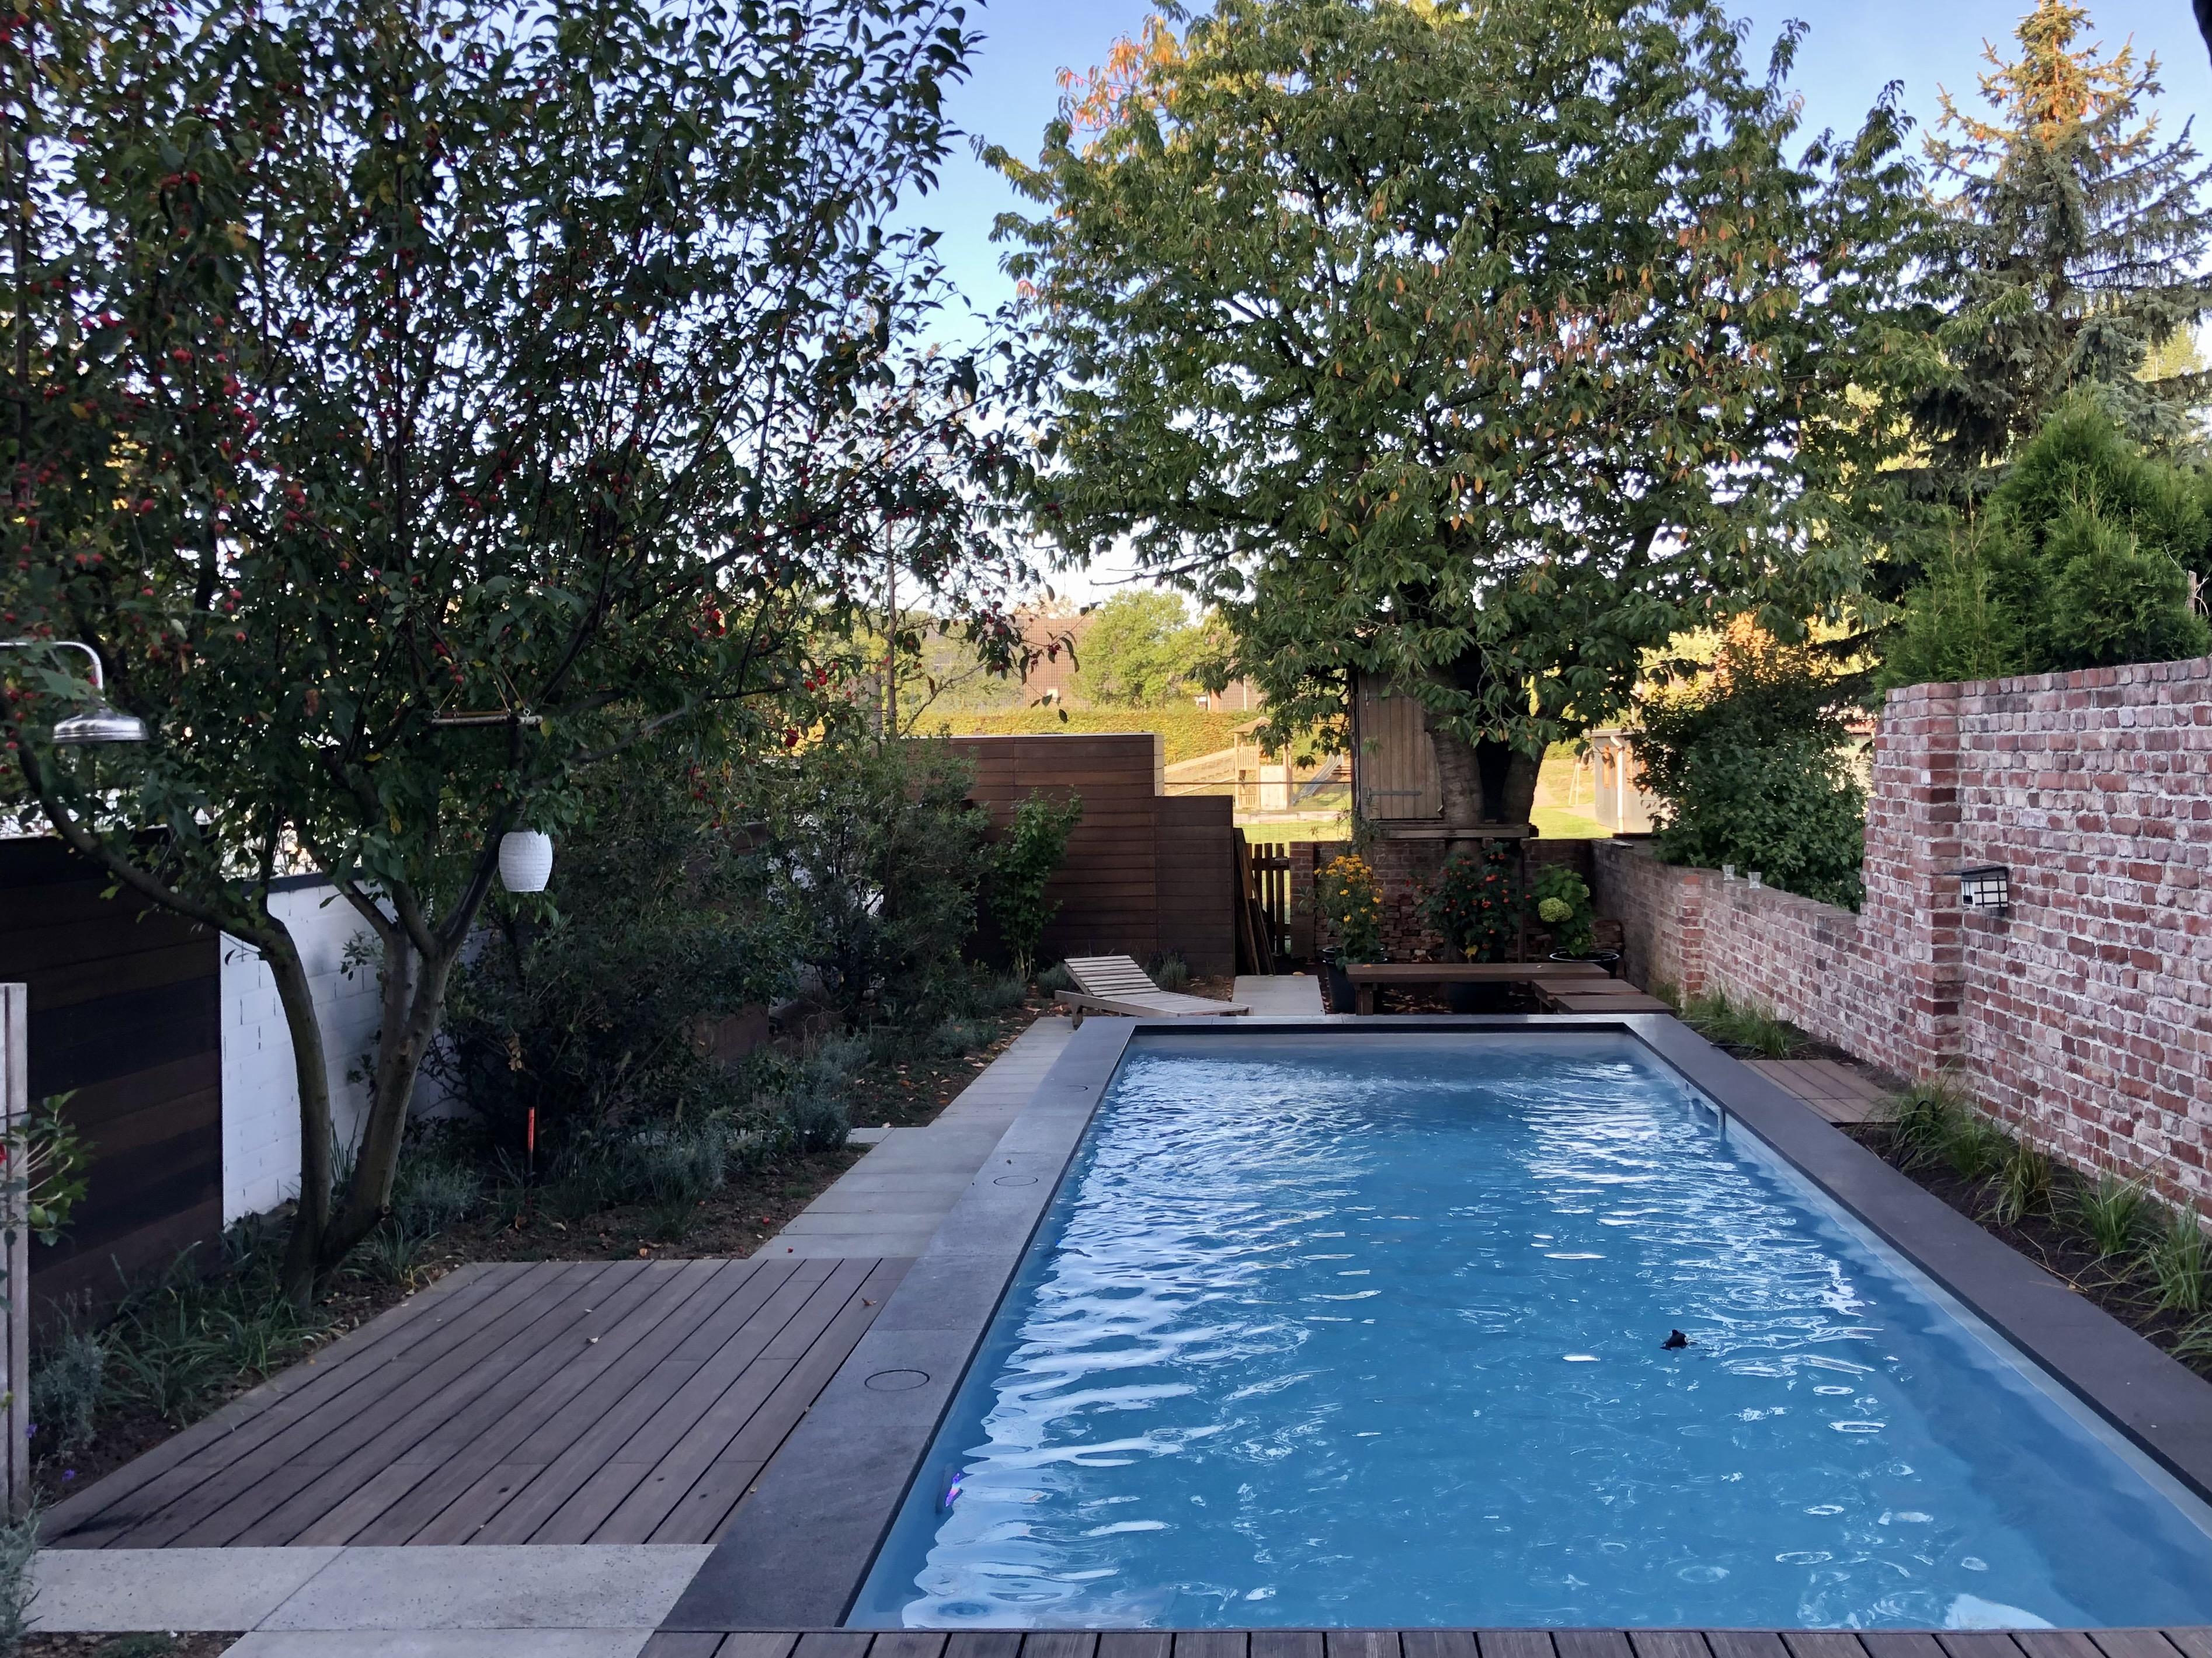 Modernes Poolbecken integriert in einen kleinen Garten